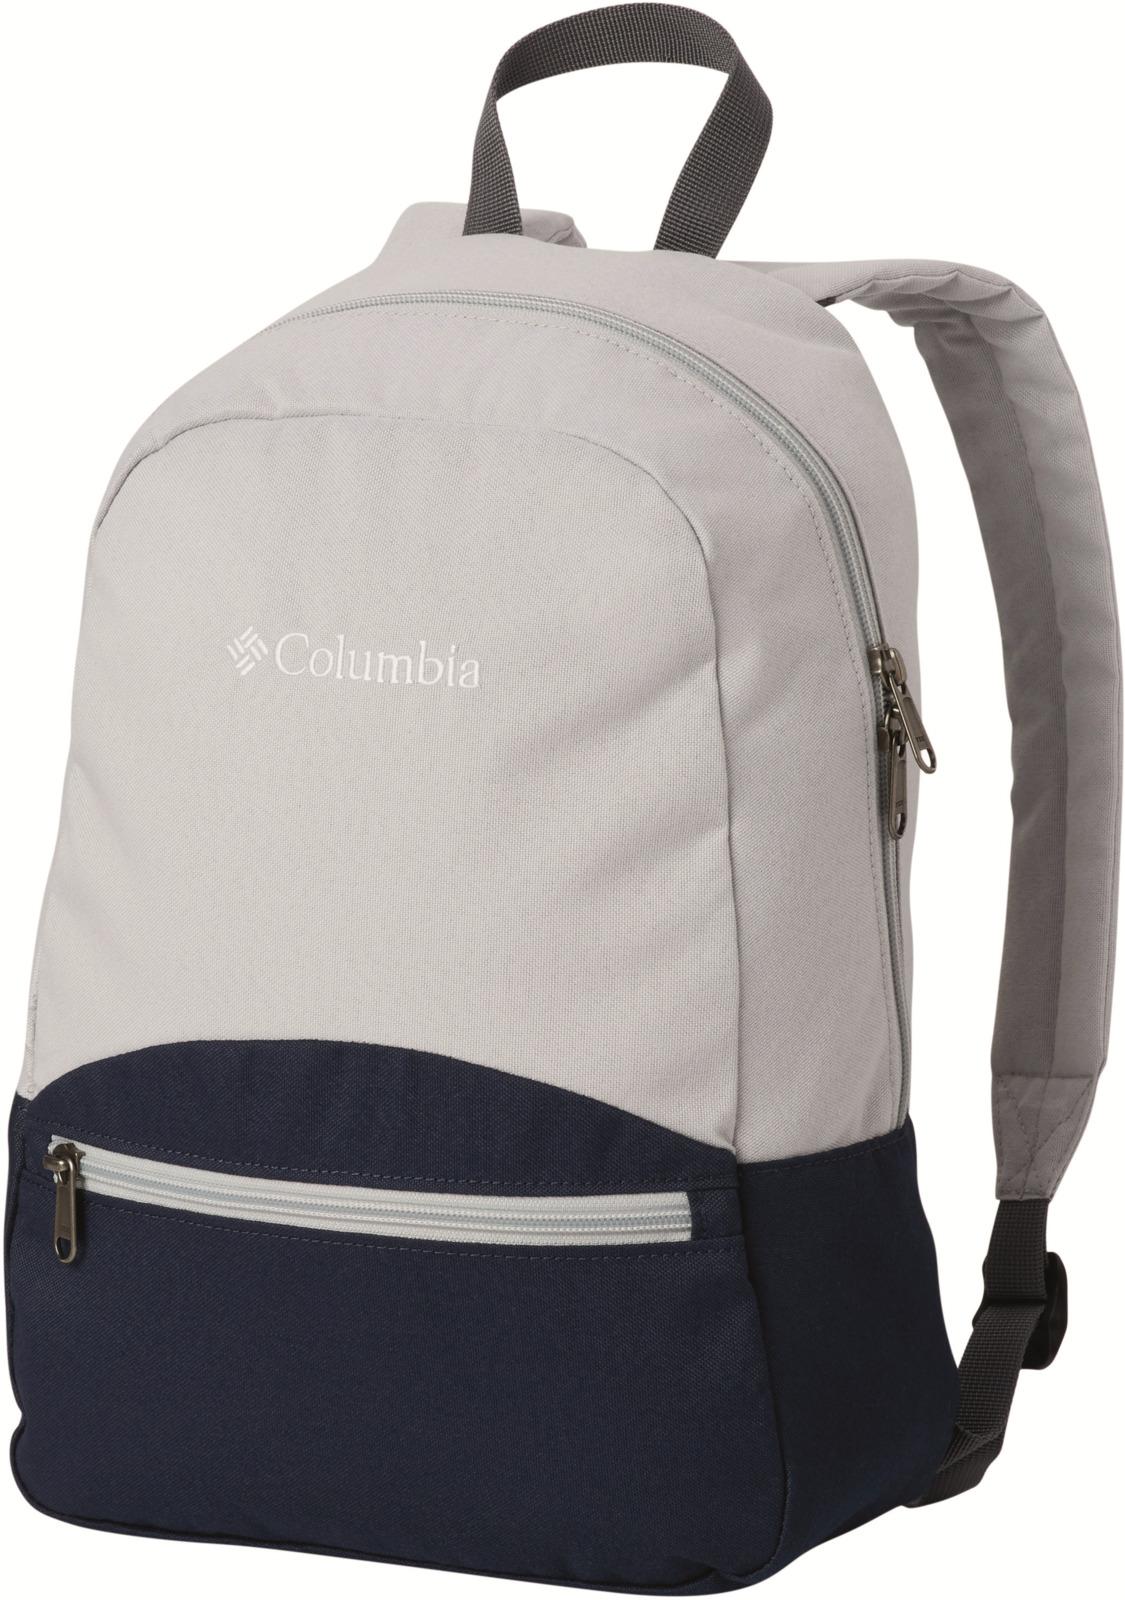 цена на Рюкзак Columbia Venya Tour Ii Daypack, 1827261-019, серый